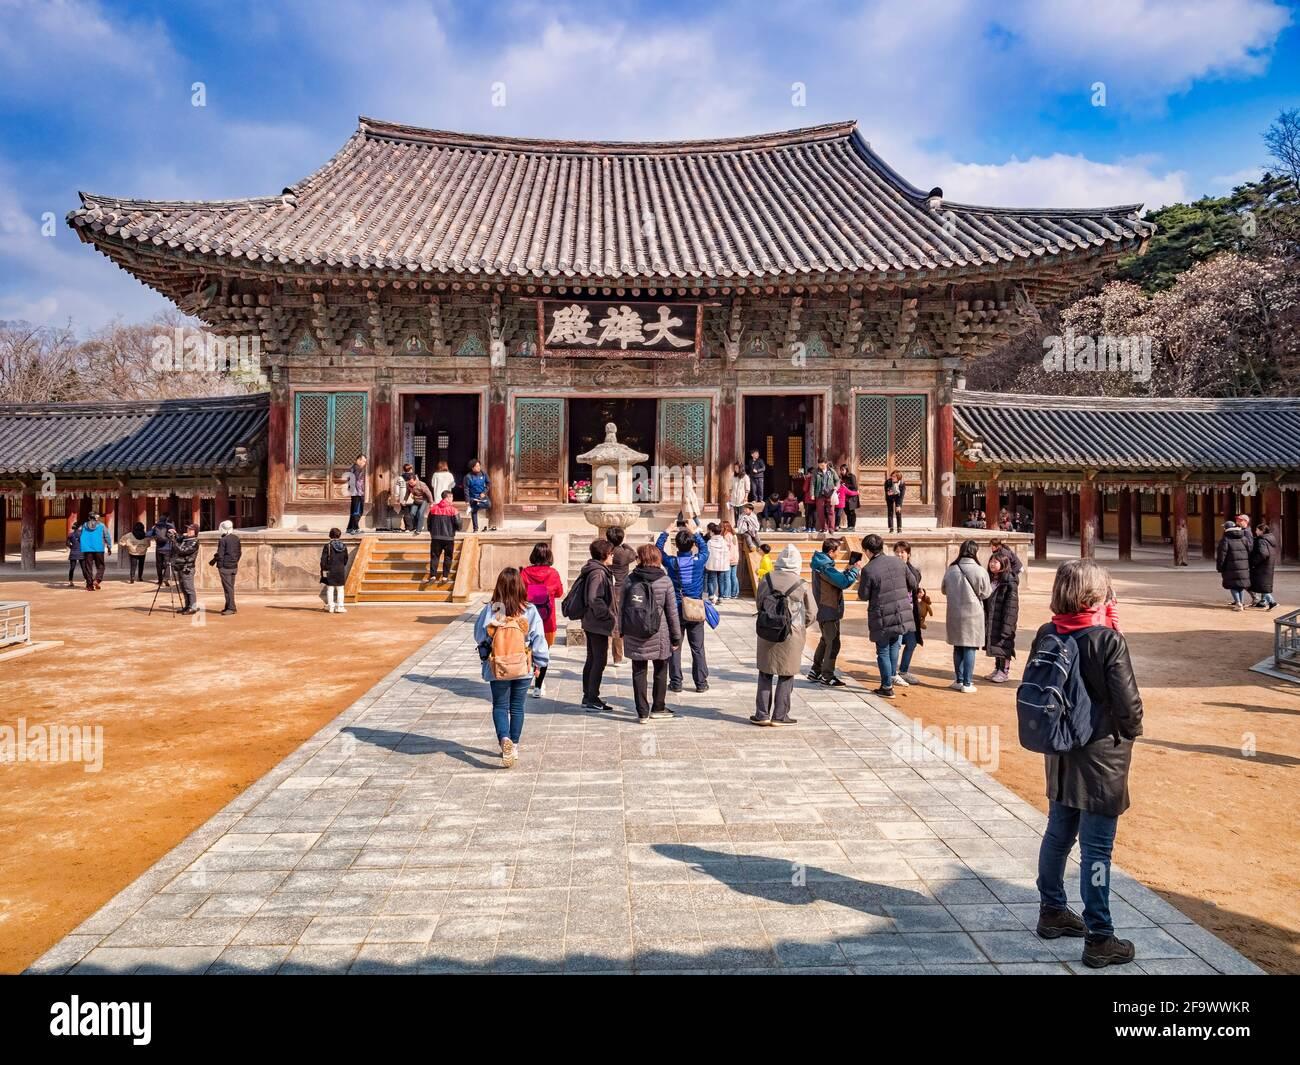 El 31 de marzo de 2019: Gyeong-Ju, Corea del Sur - los visitantes en el templo budista de Bulguksa, Gyeong-Ju, sitio del Patrimonio Mundial de la UNESCO. Foto de stock